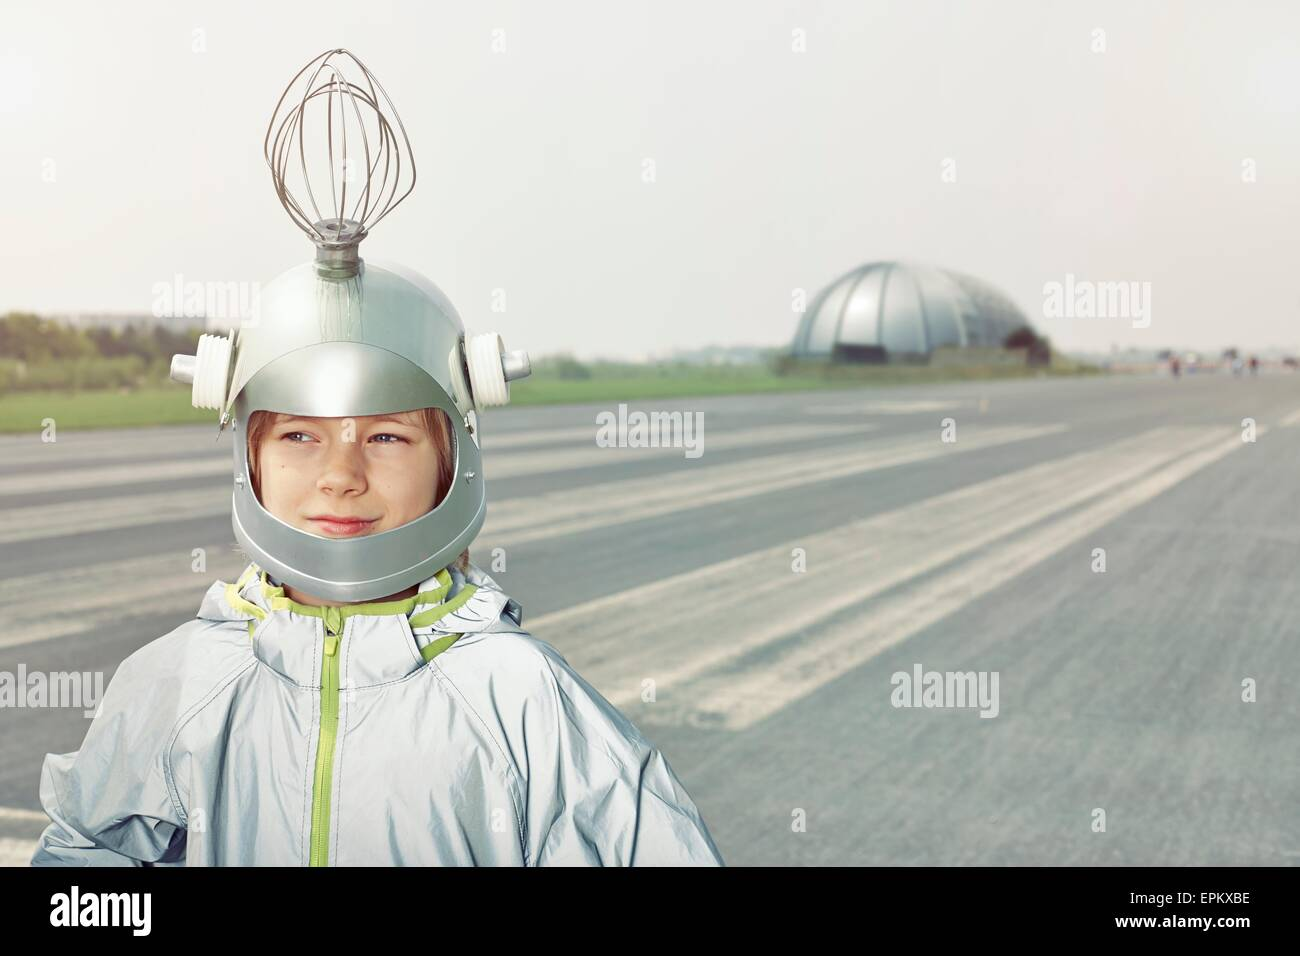 Junge verkleidet als Raumfahrer Stockbild